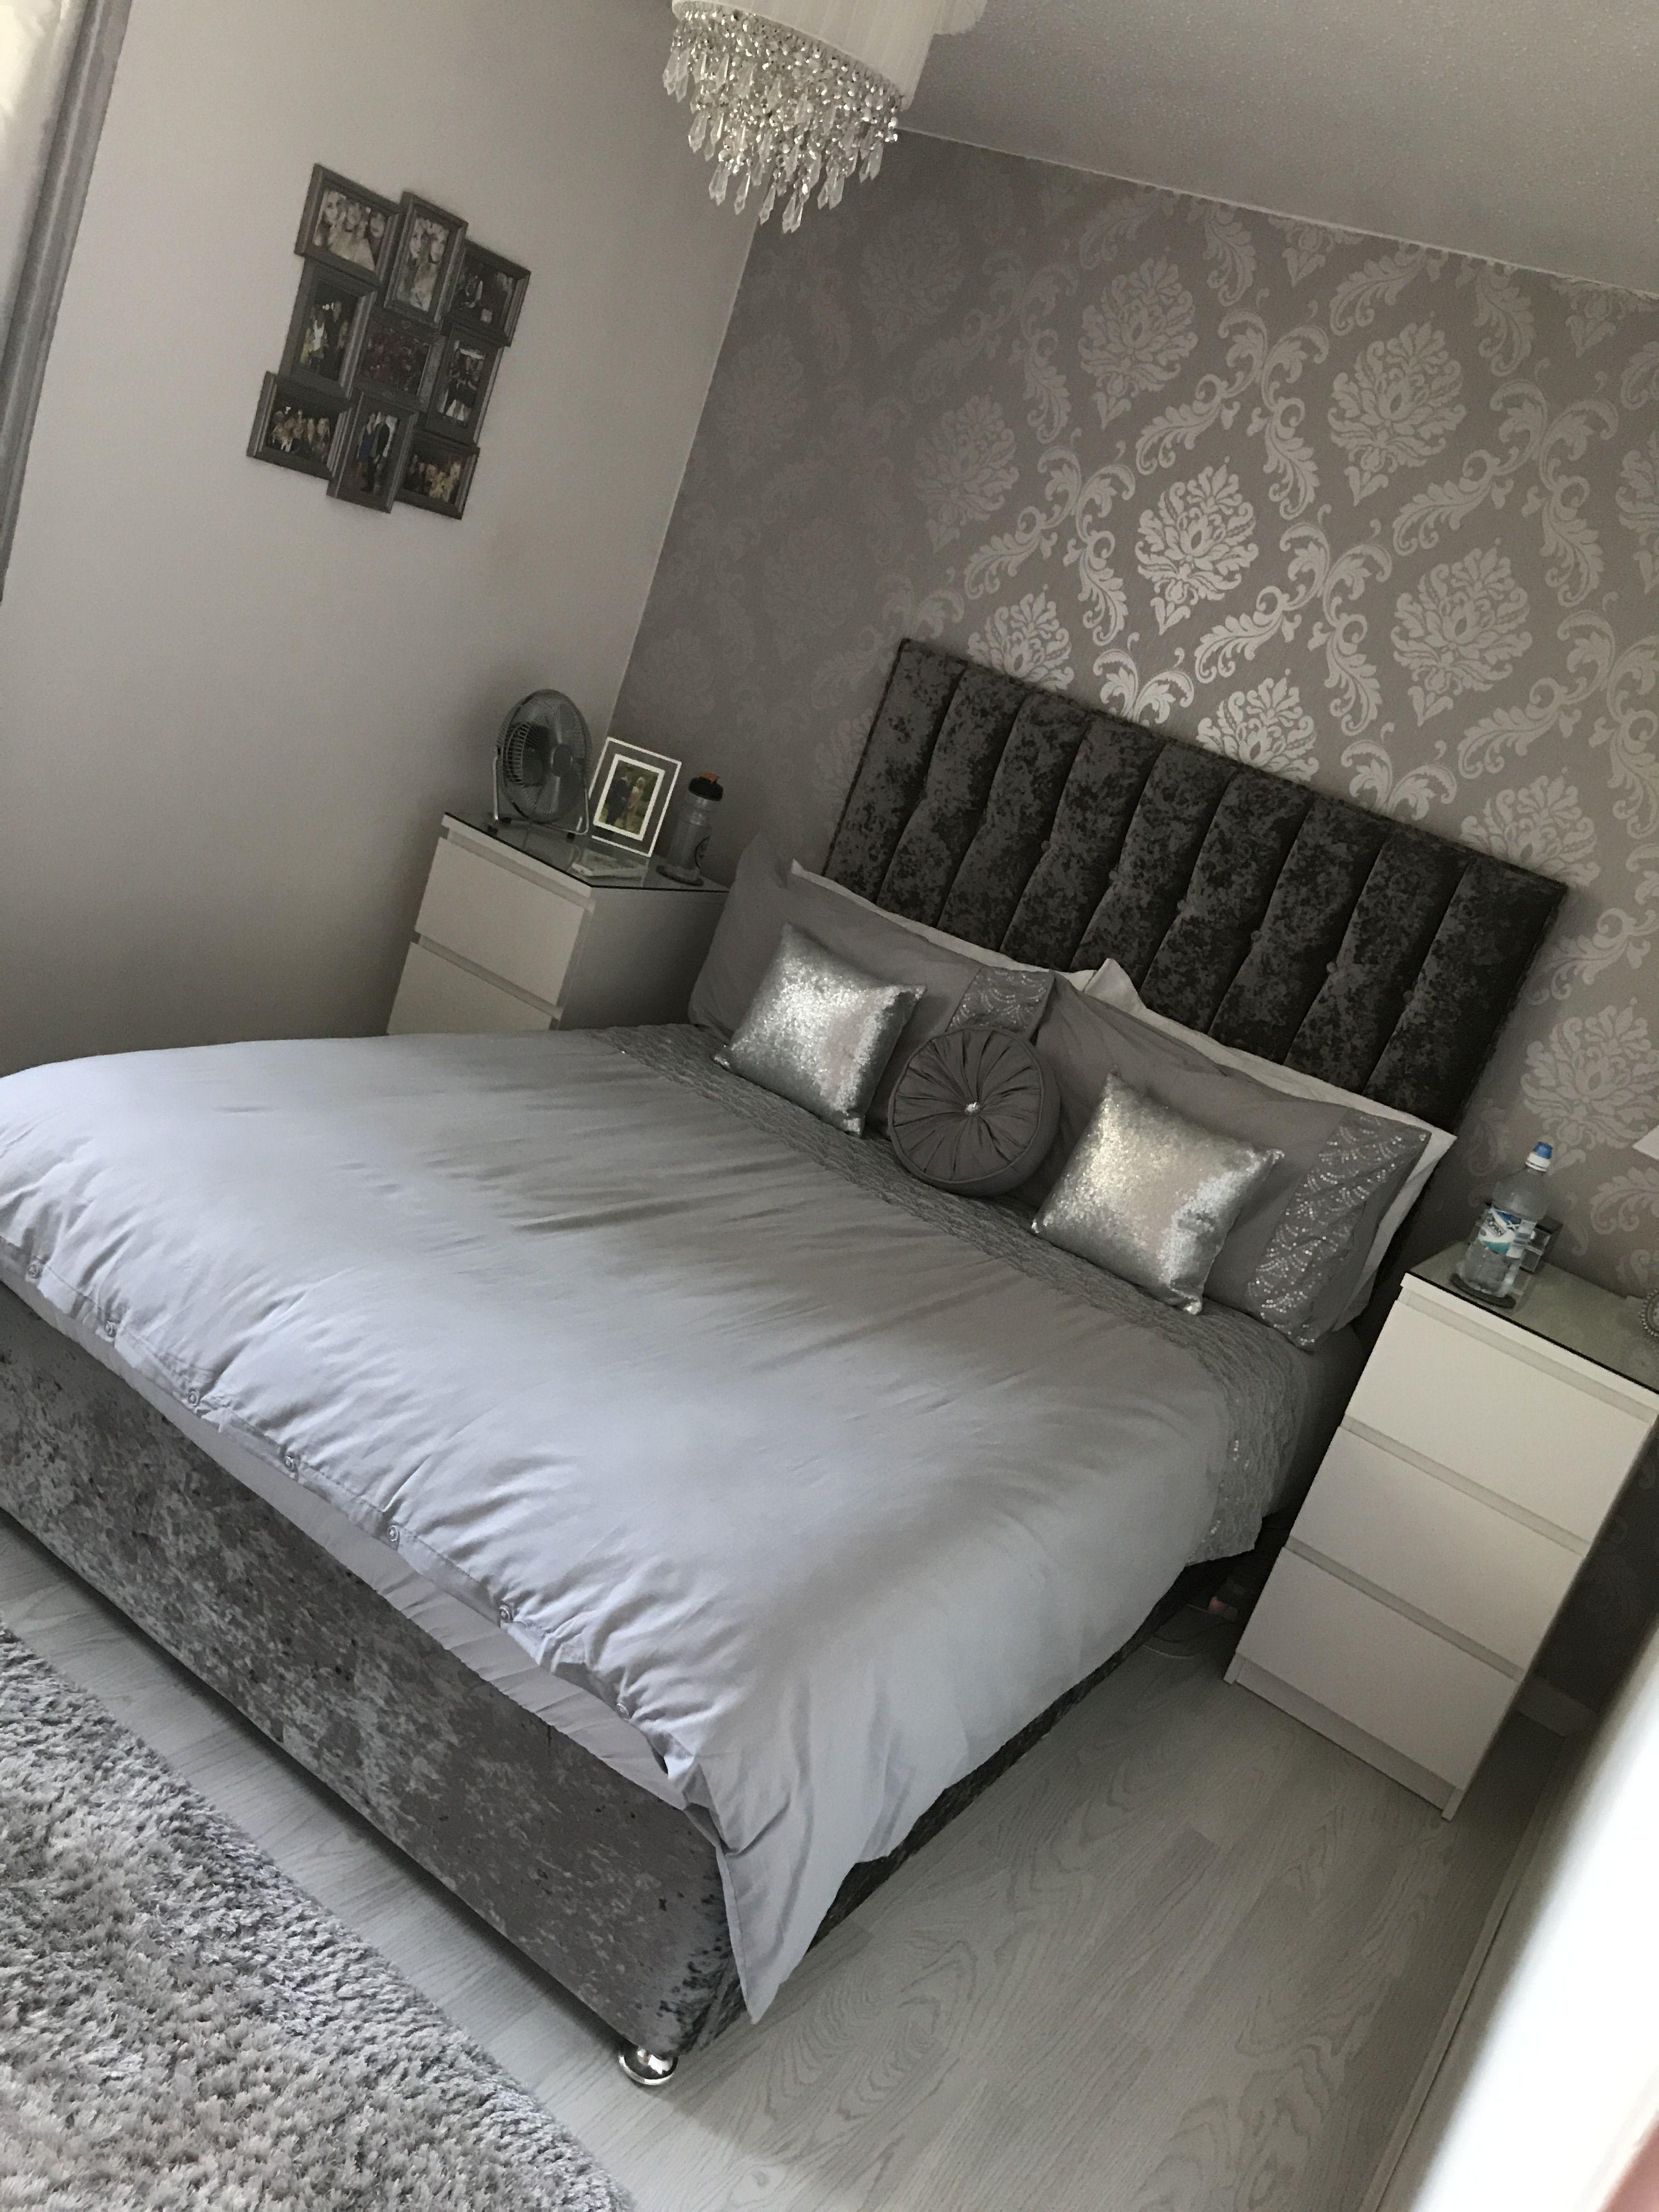 Schöne Schlafzimmer, Neuheiten, Tapeten, Einrichten Und Wohnen, Zuhause,  Deko, Wohnzimmer Ideen, Schlafzimmer Ideen, Wohnzimer